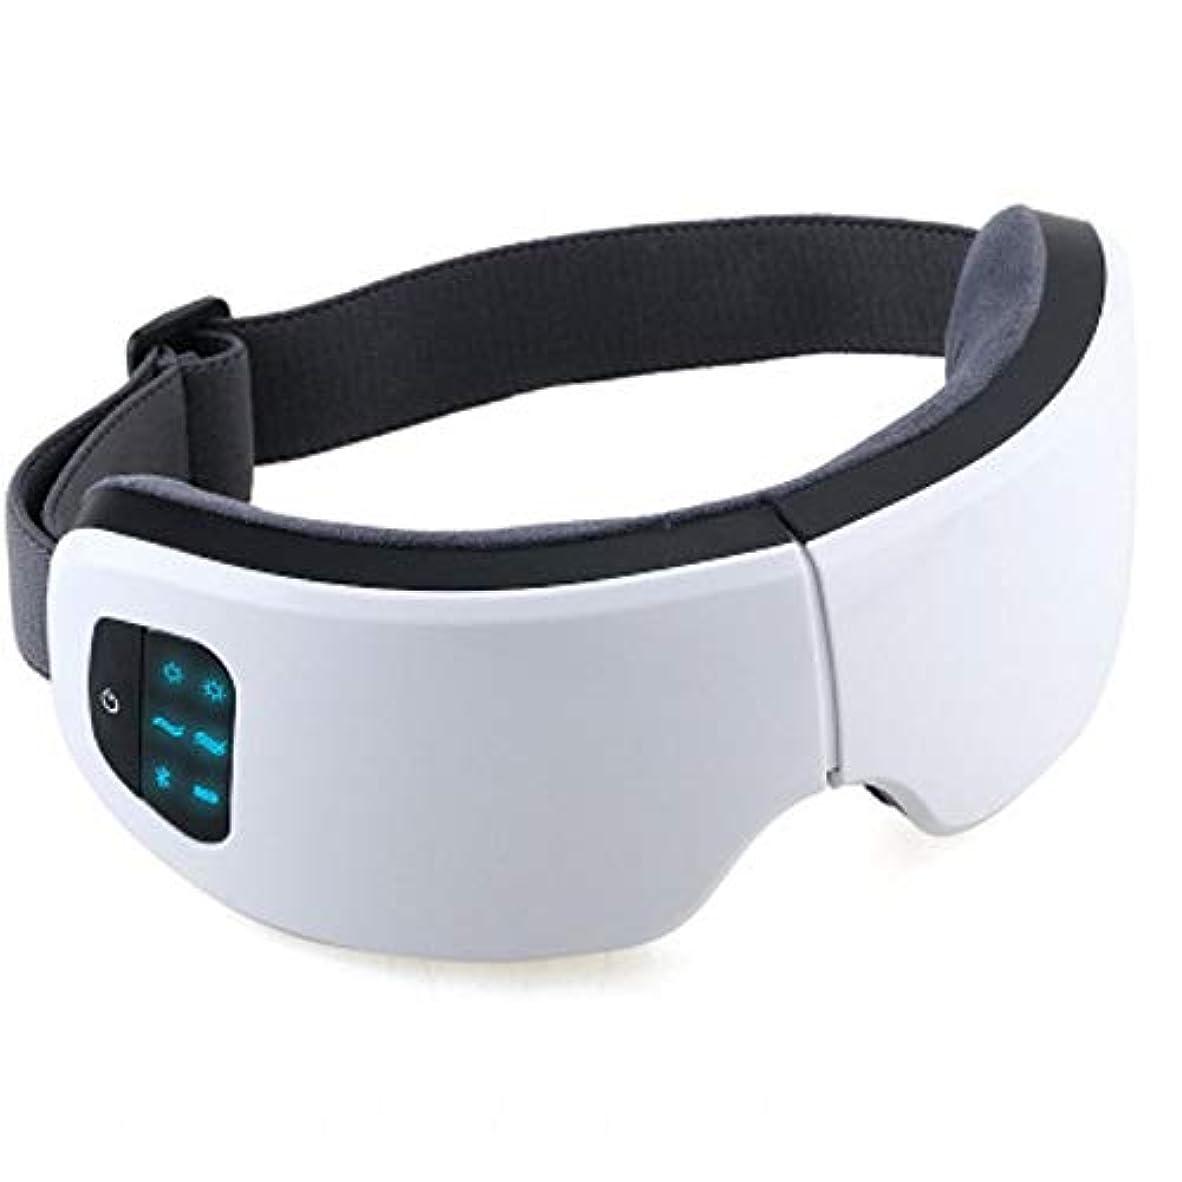 文献一口不和Meet now 高度の目のマッサージャー、暖房モードの無線再充電可能な折る目のマッサージャー 品質保証